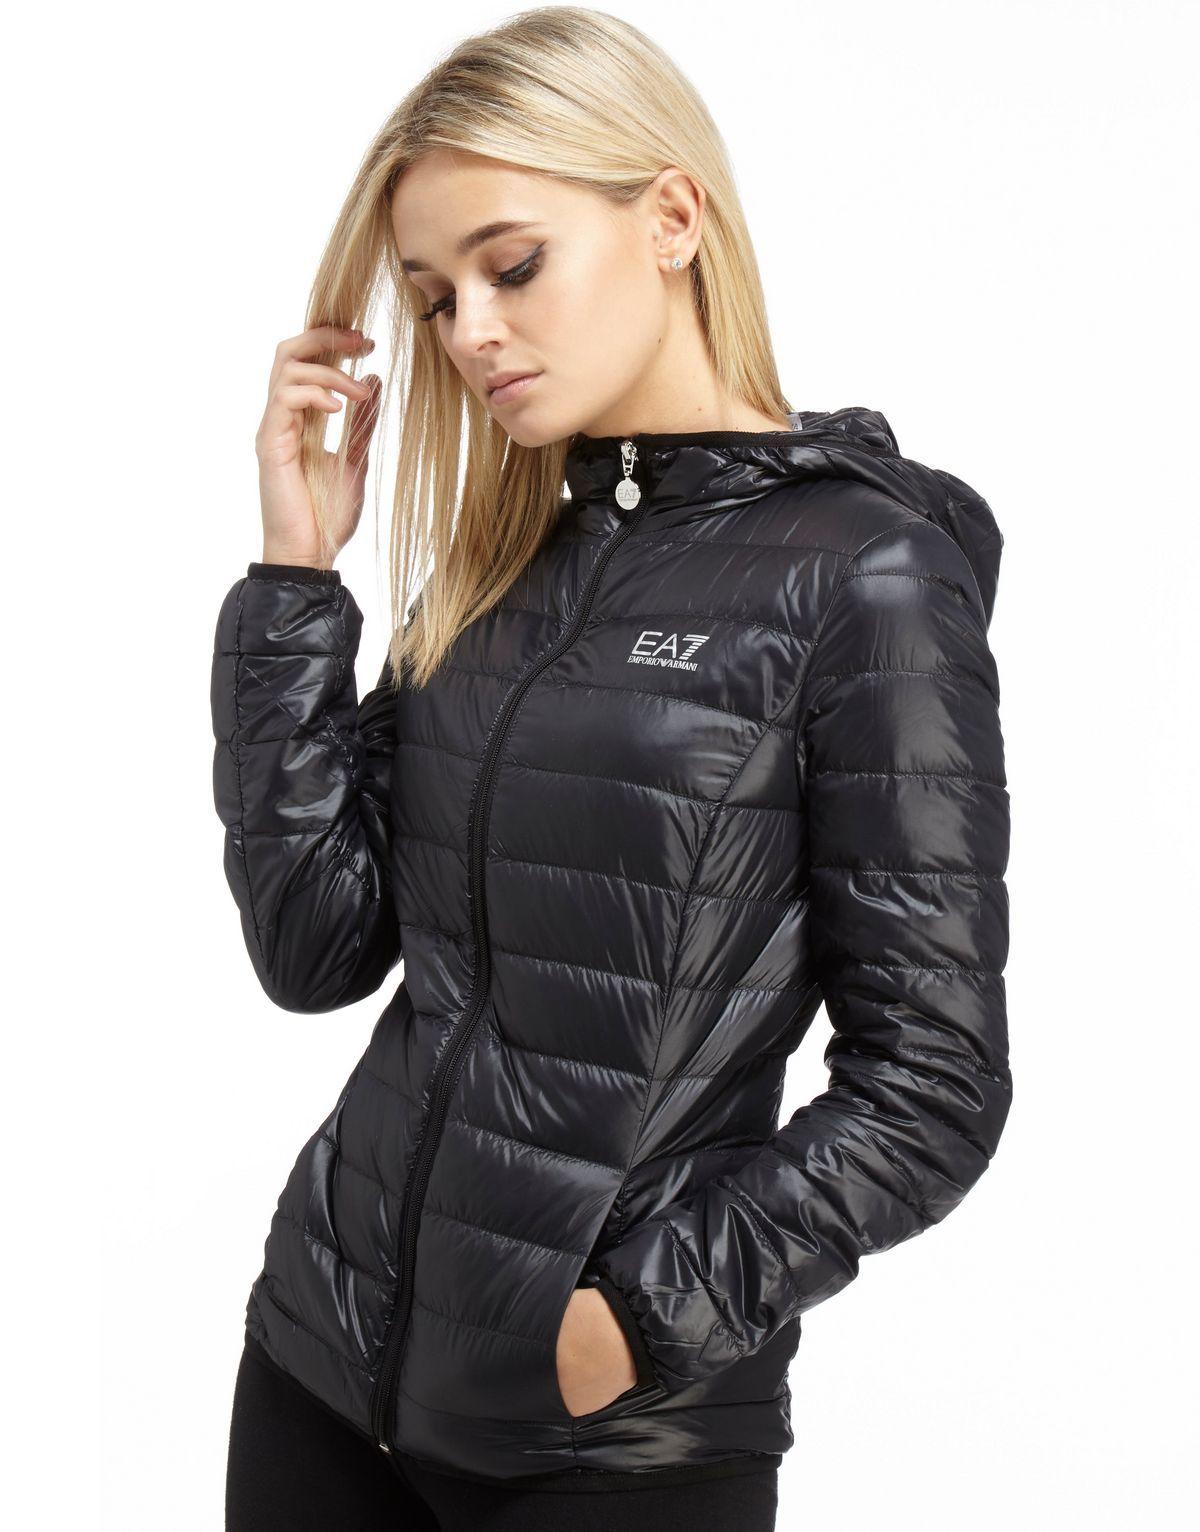 Emporio Armani EA7 Core Jacket Black Womens Emporio